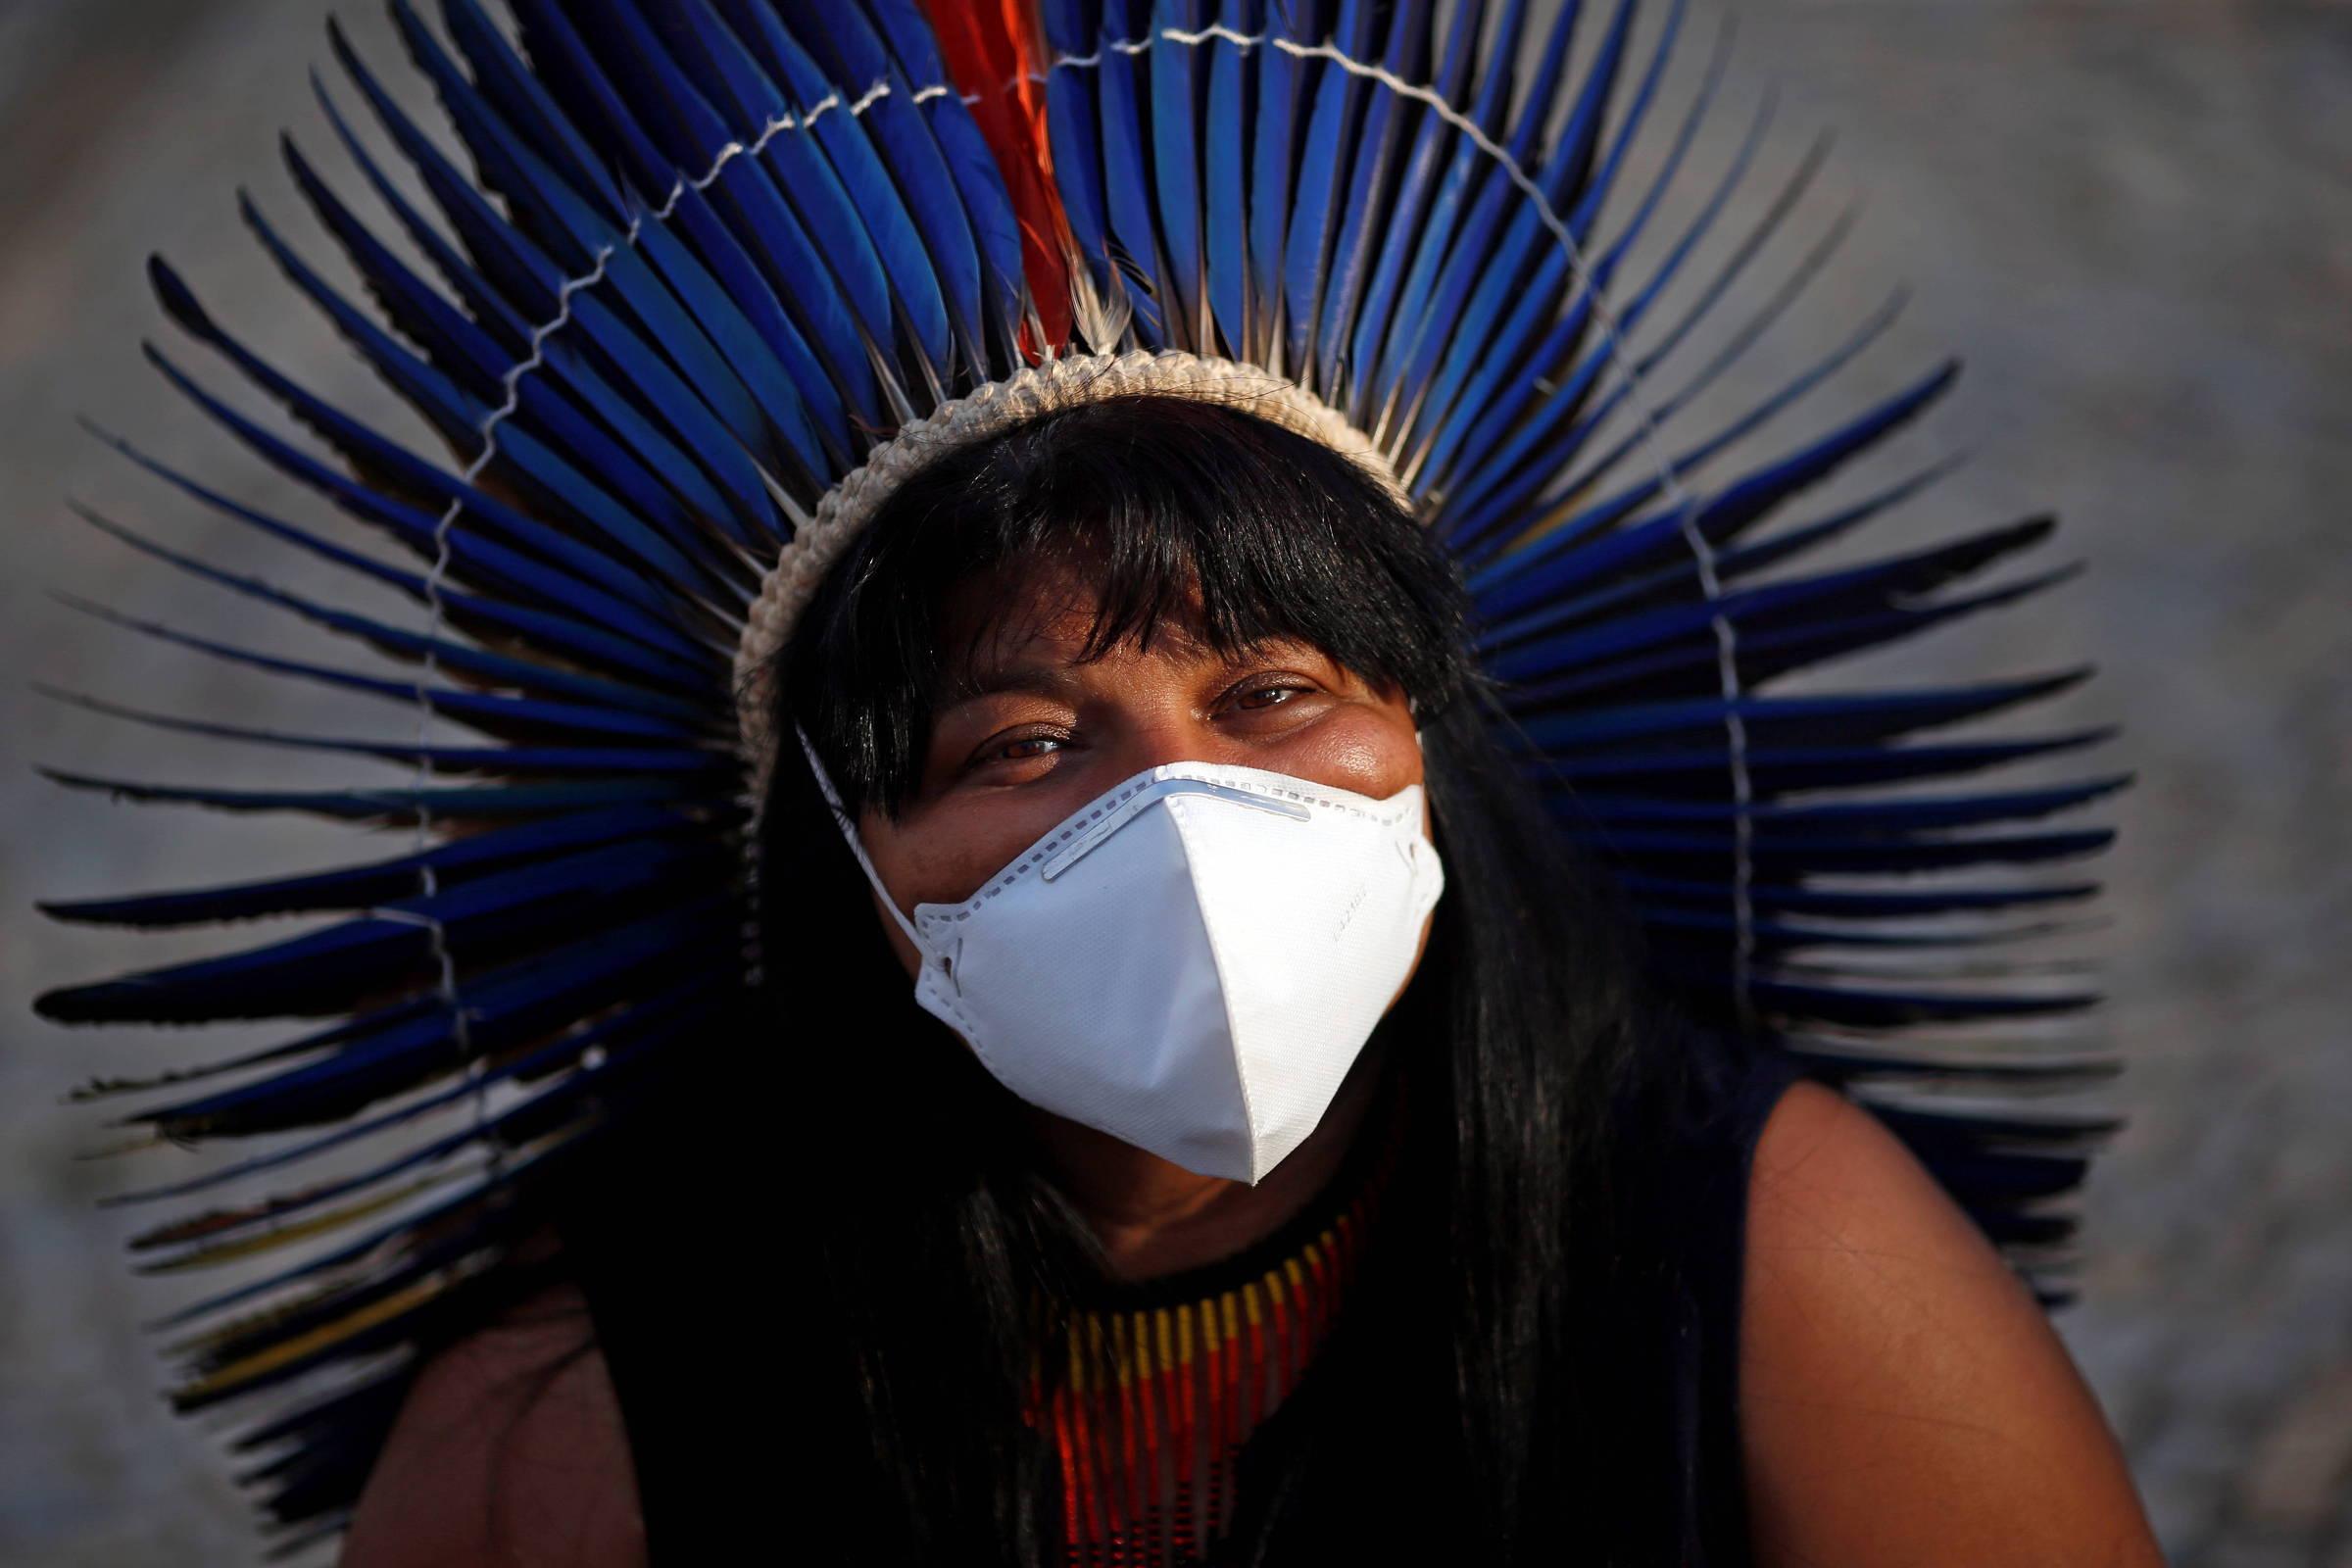 Sonia, de cocar azul e máscara branca, olha diretamente para a câmera, com um sorriso nos olhos